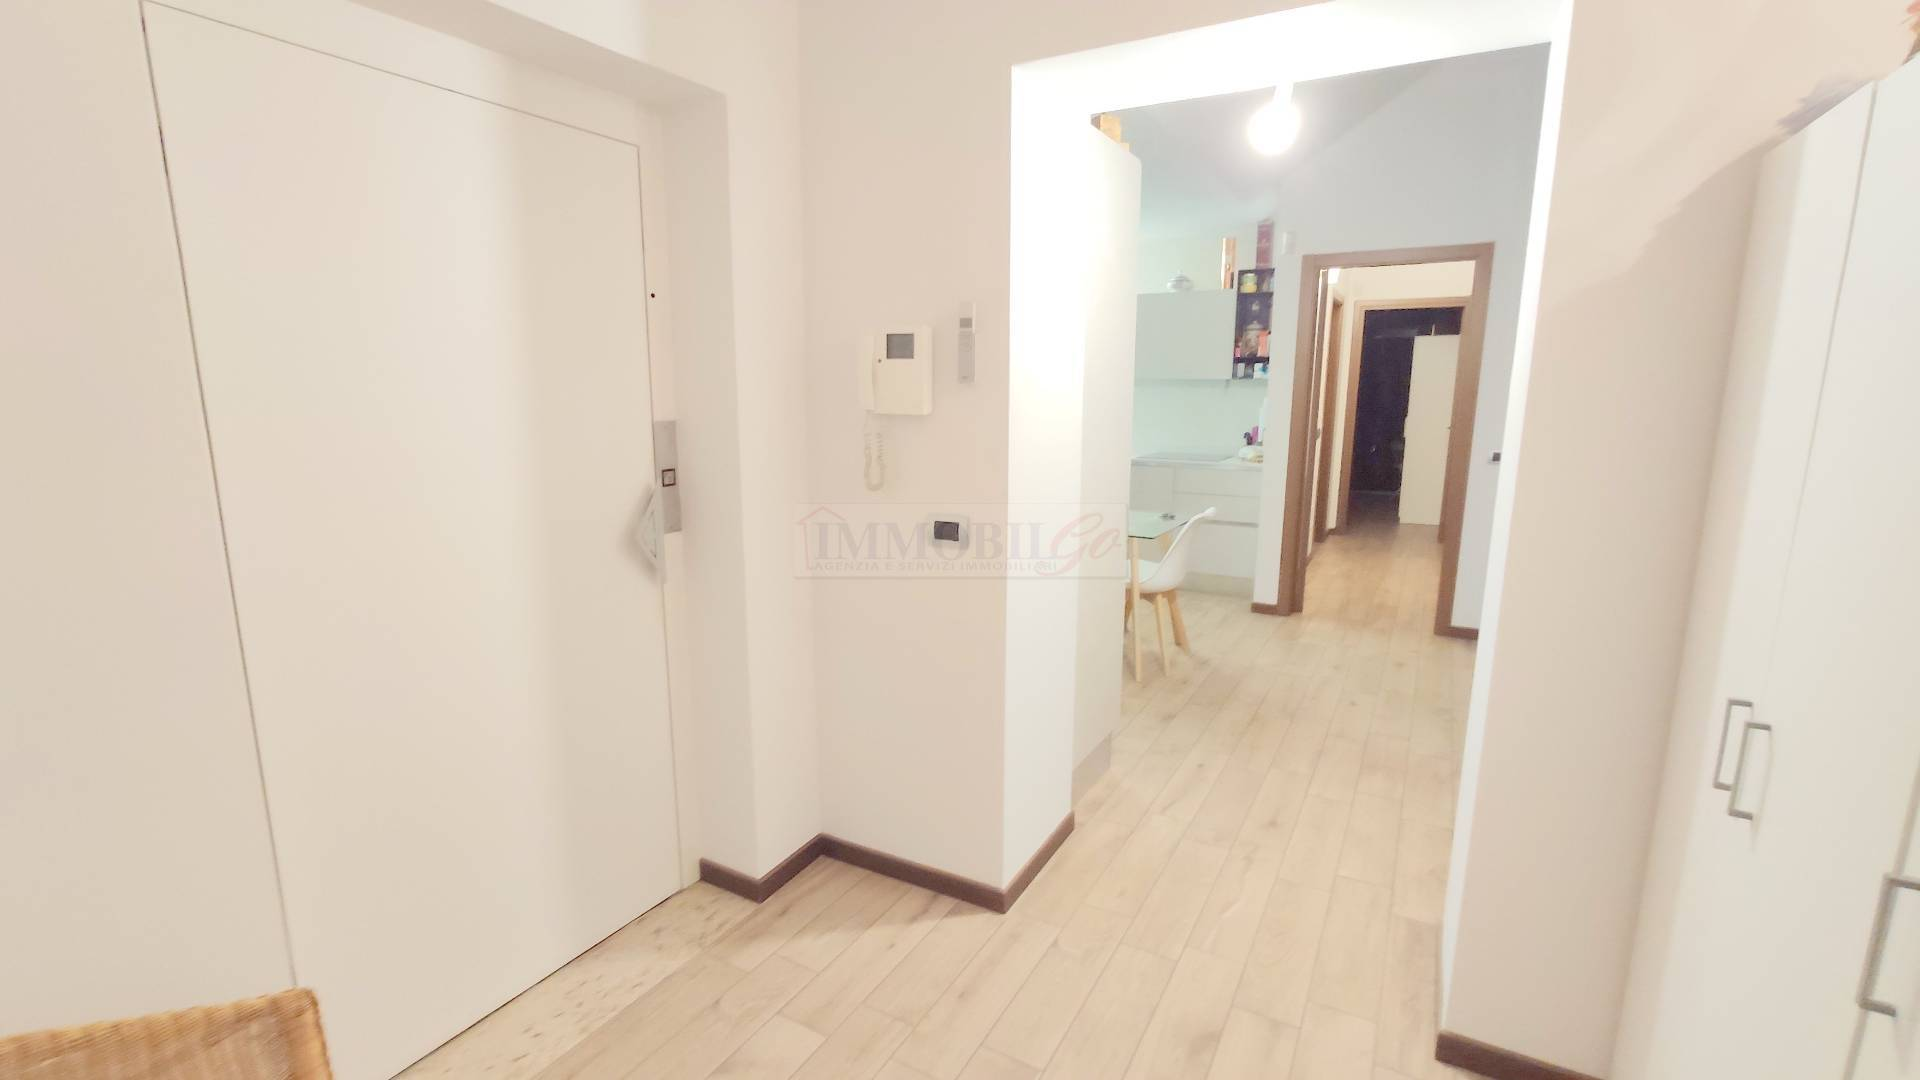 Vendita Trilocale Appartamento Mezzago 237472